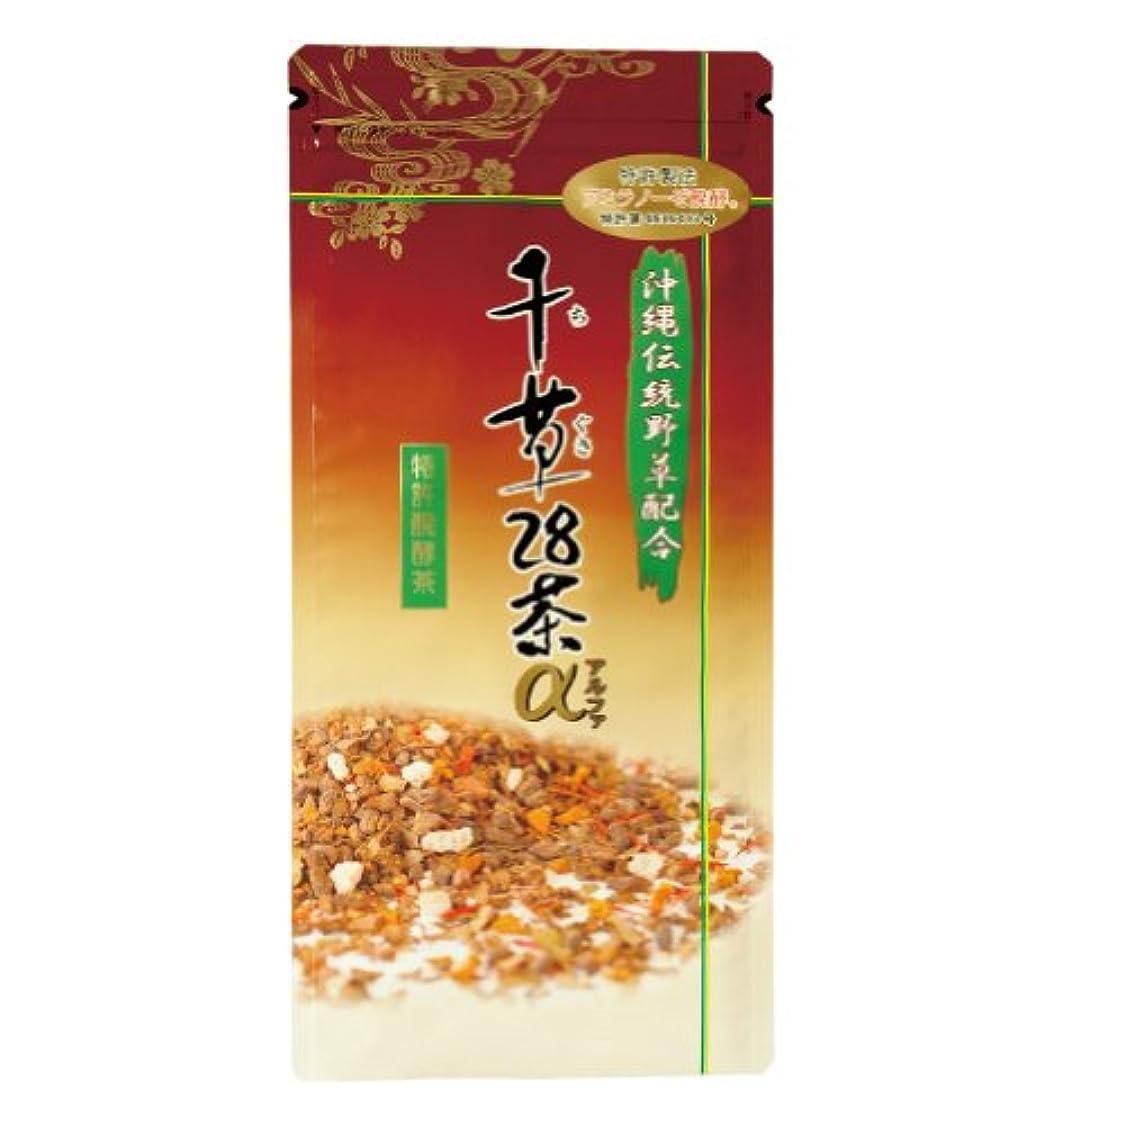 所有者輪郭千草28茶α 200g